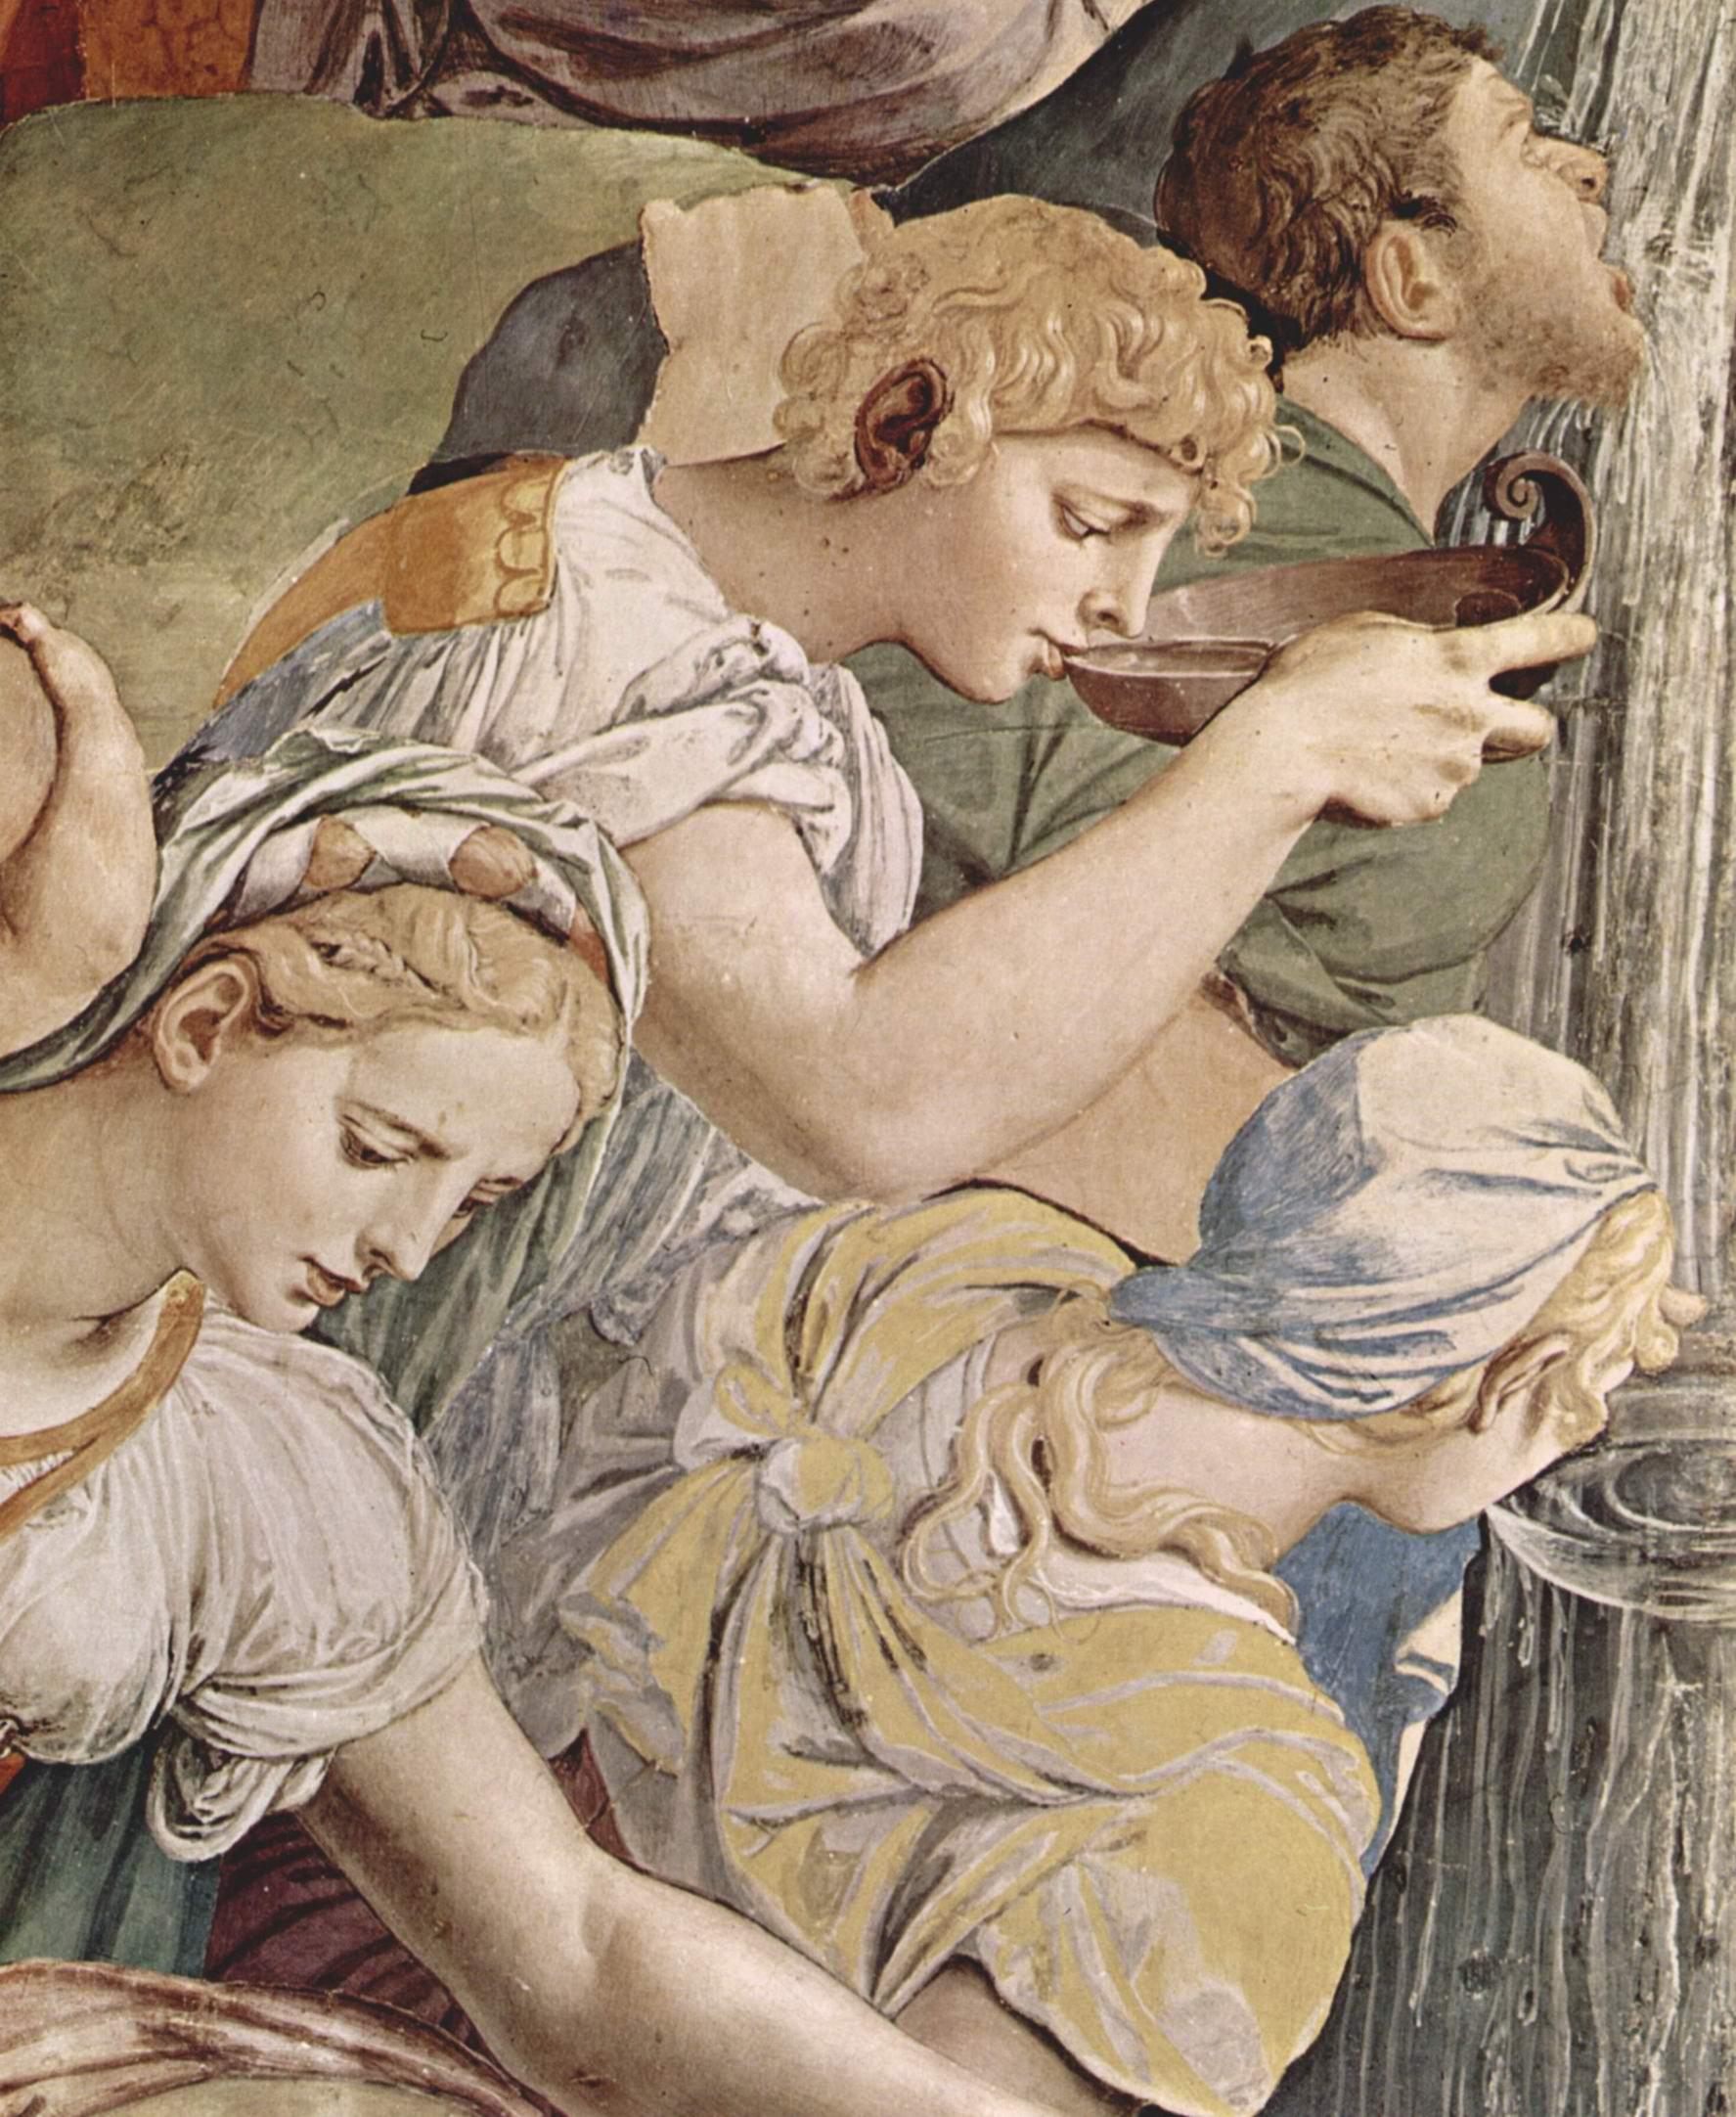 Фрески капеллы Элеоноры Толедской в Палаццо Веккио во Флоренции, левая стена  Моисей иссекает воду из скалы. Деталь, Бронзино Аньоло